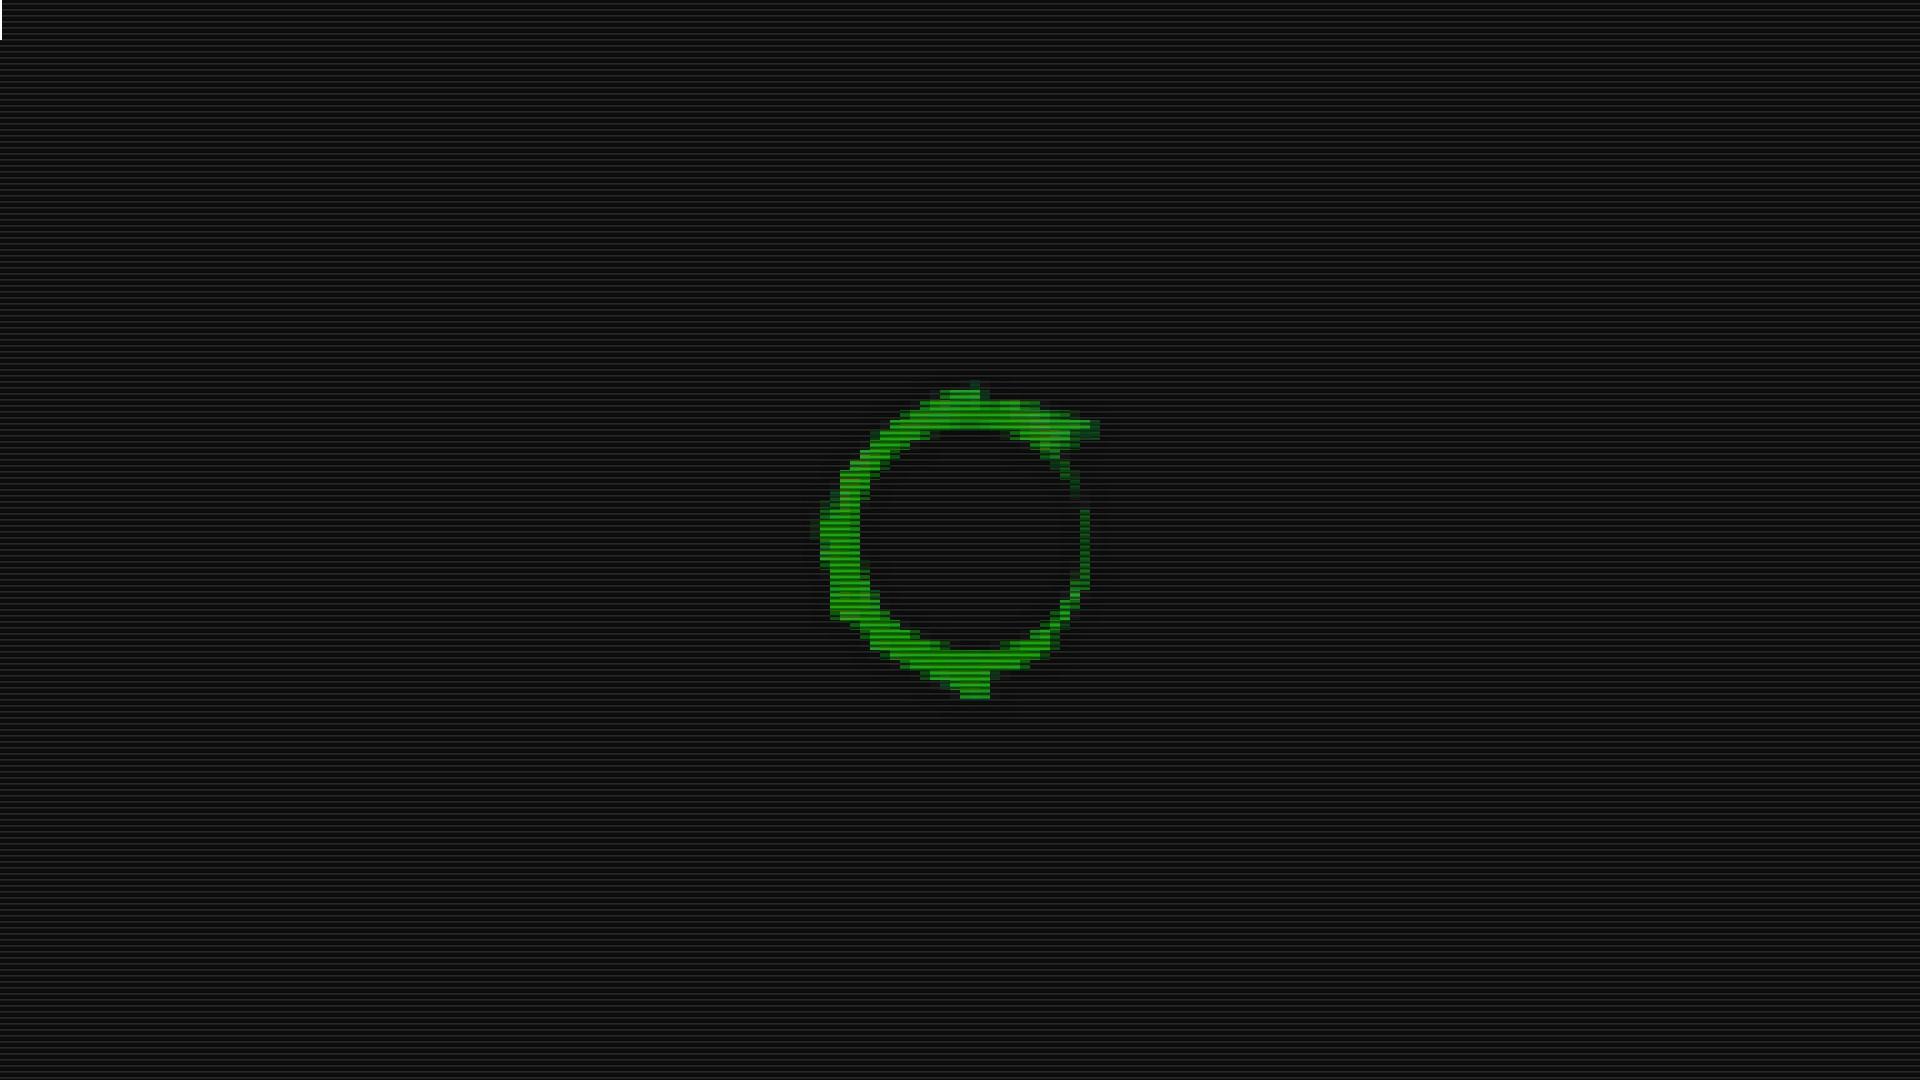 Wallpaper 1920x1080 Px Conslole Dzen Green Linux Pixel Art